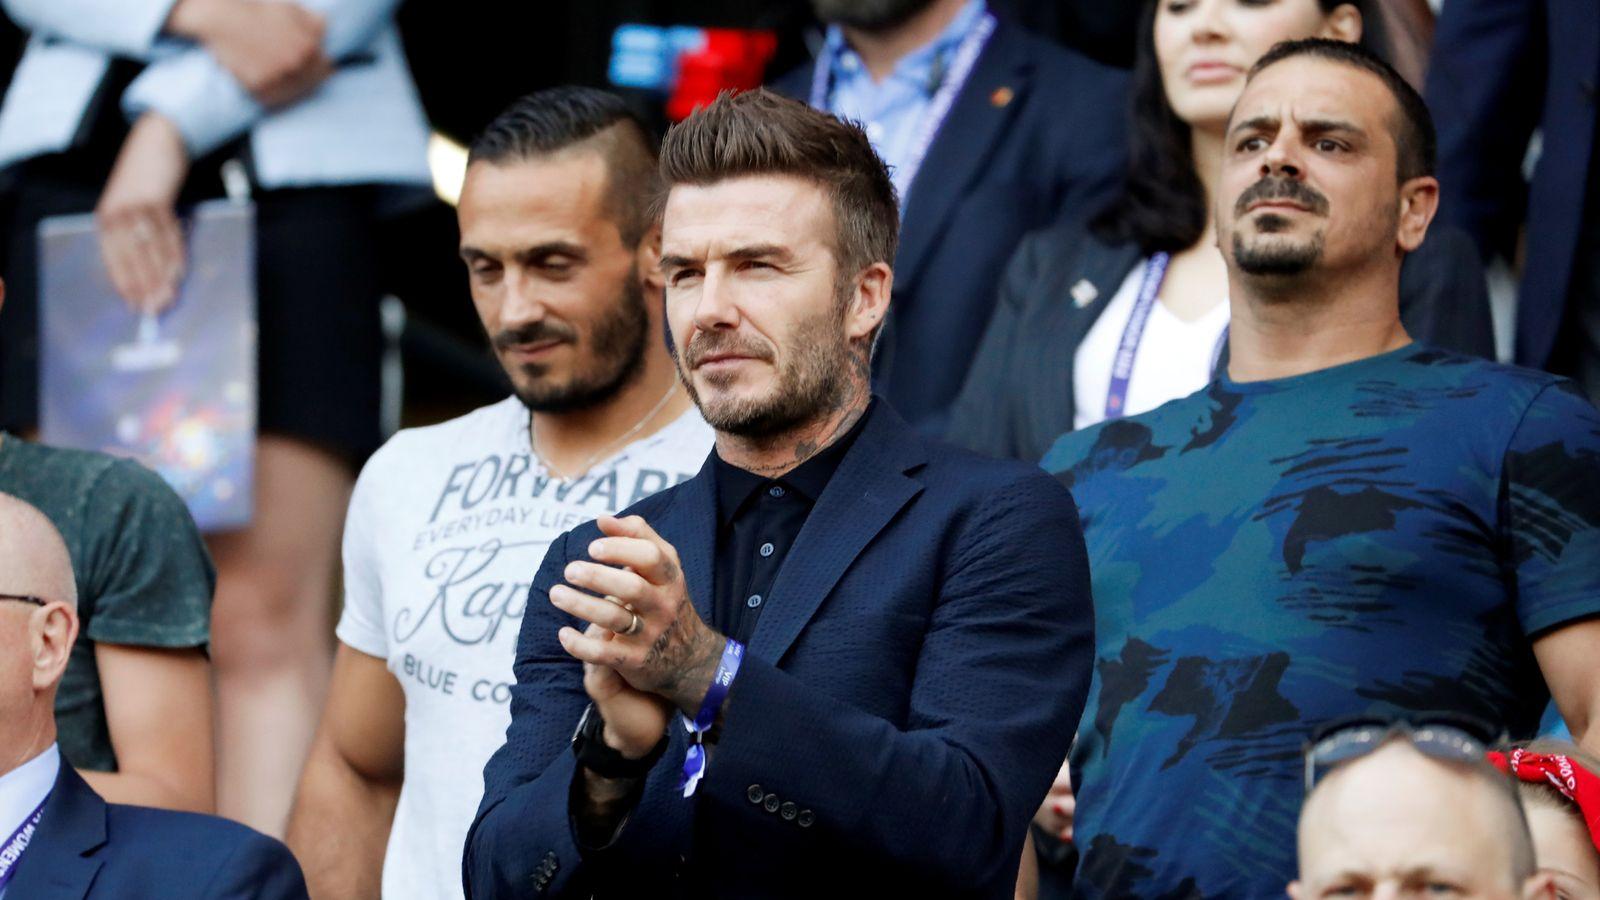 Site for Beckham's Miami stadium contaminated with arsenic - report